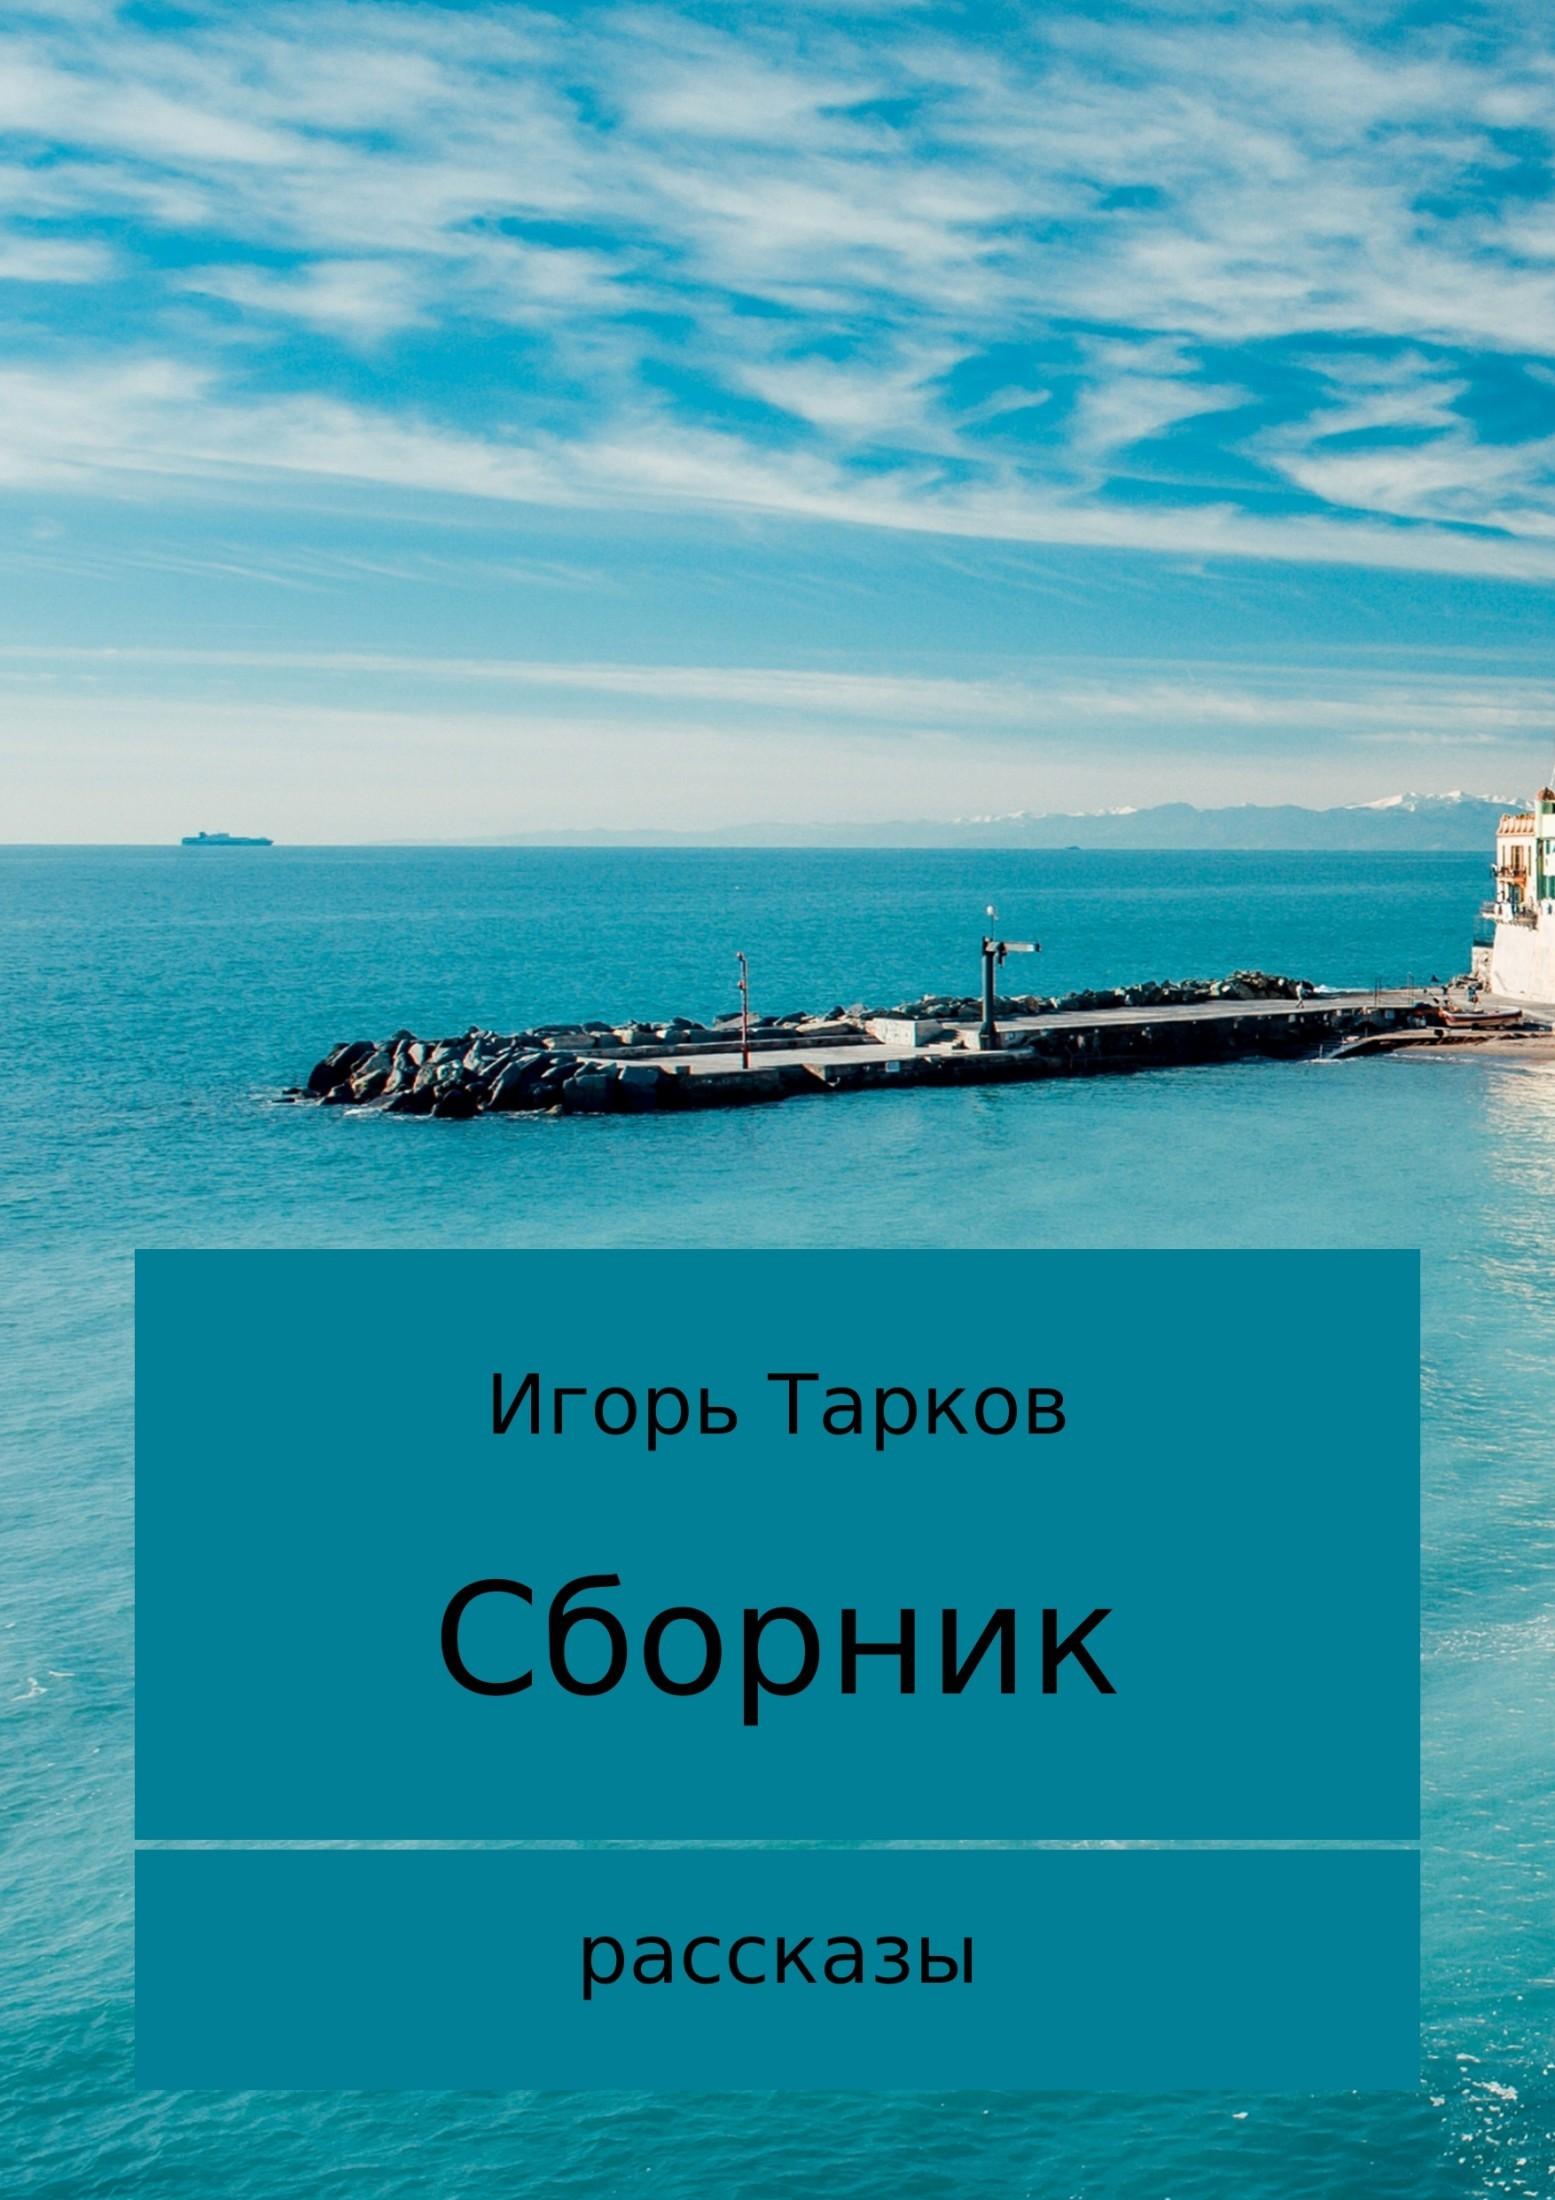 Игорь Владимирович Тарков Рассказы лихачев д мысли о жизни письма о добром